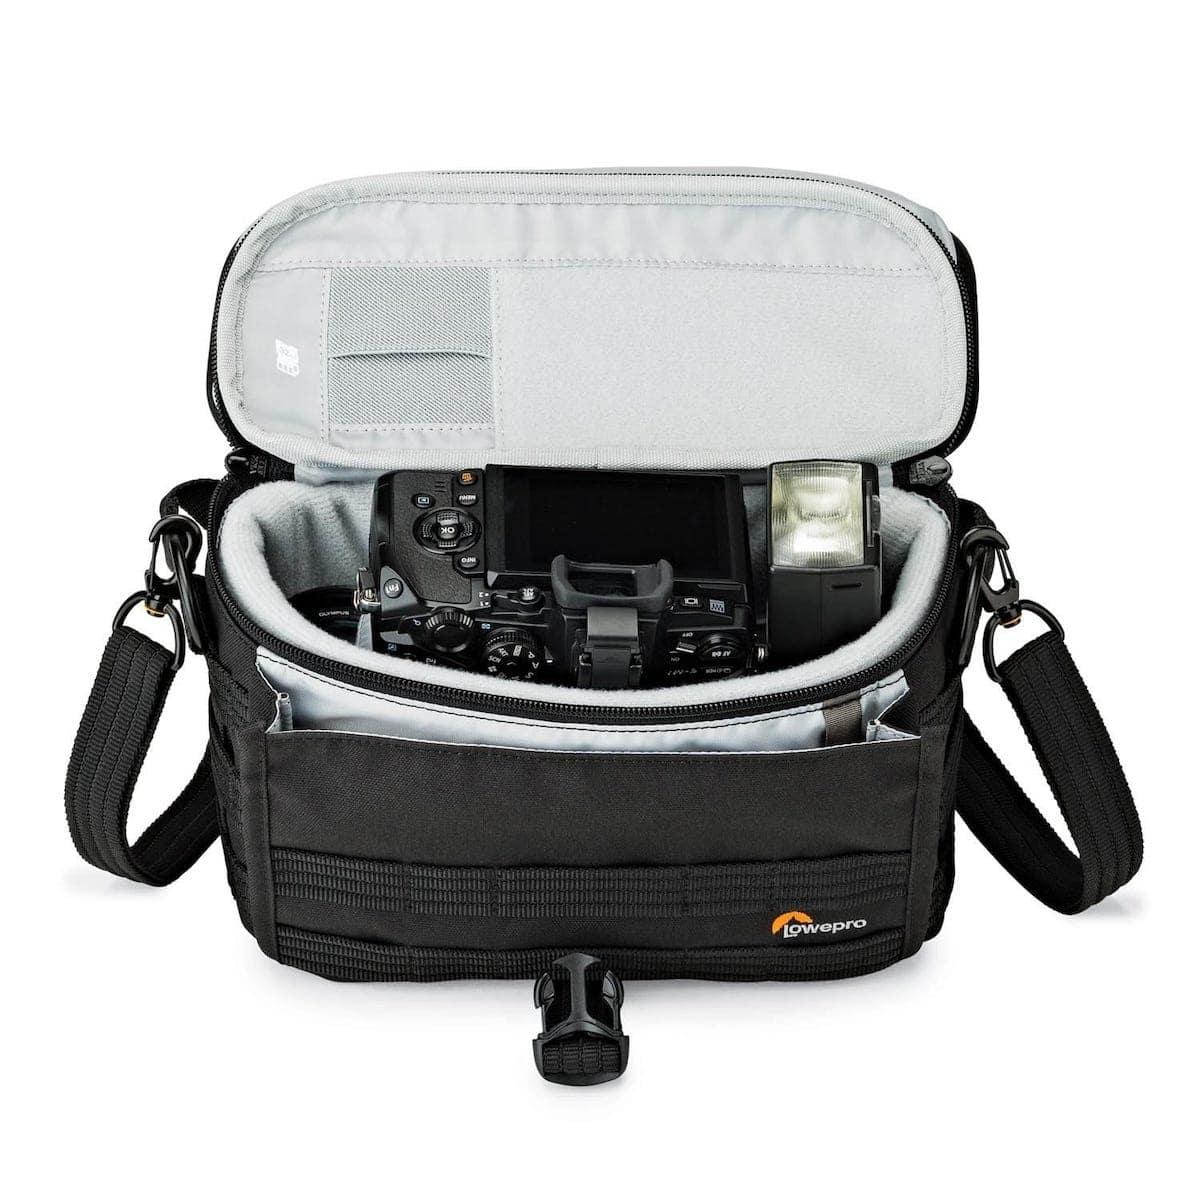 Топ лучших сумок для фотоаппаратов